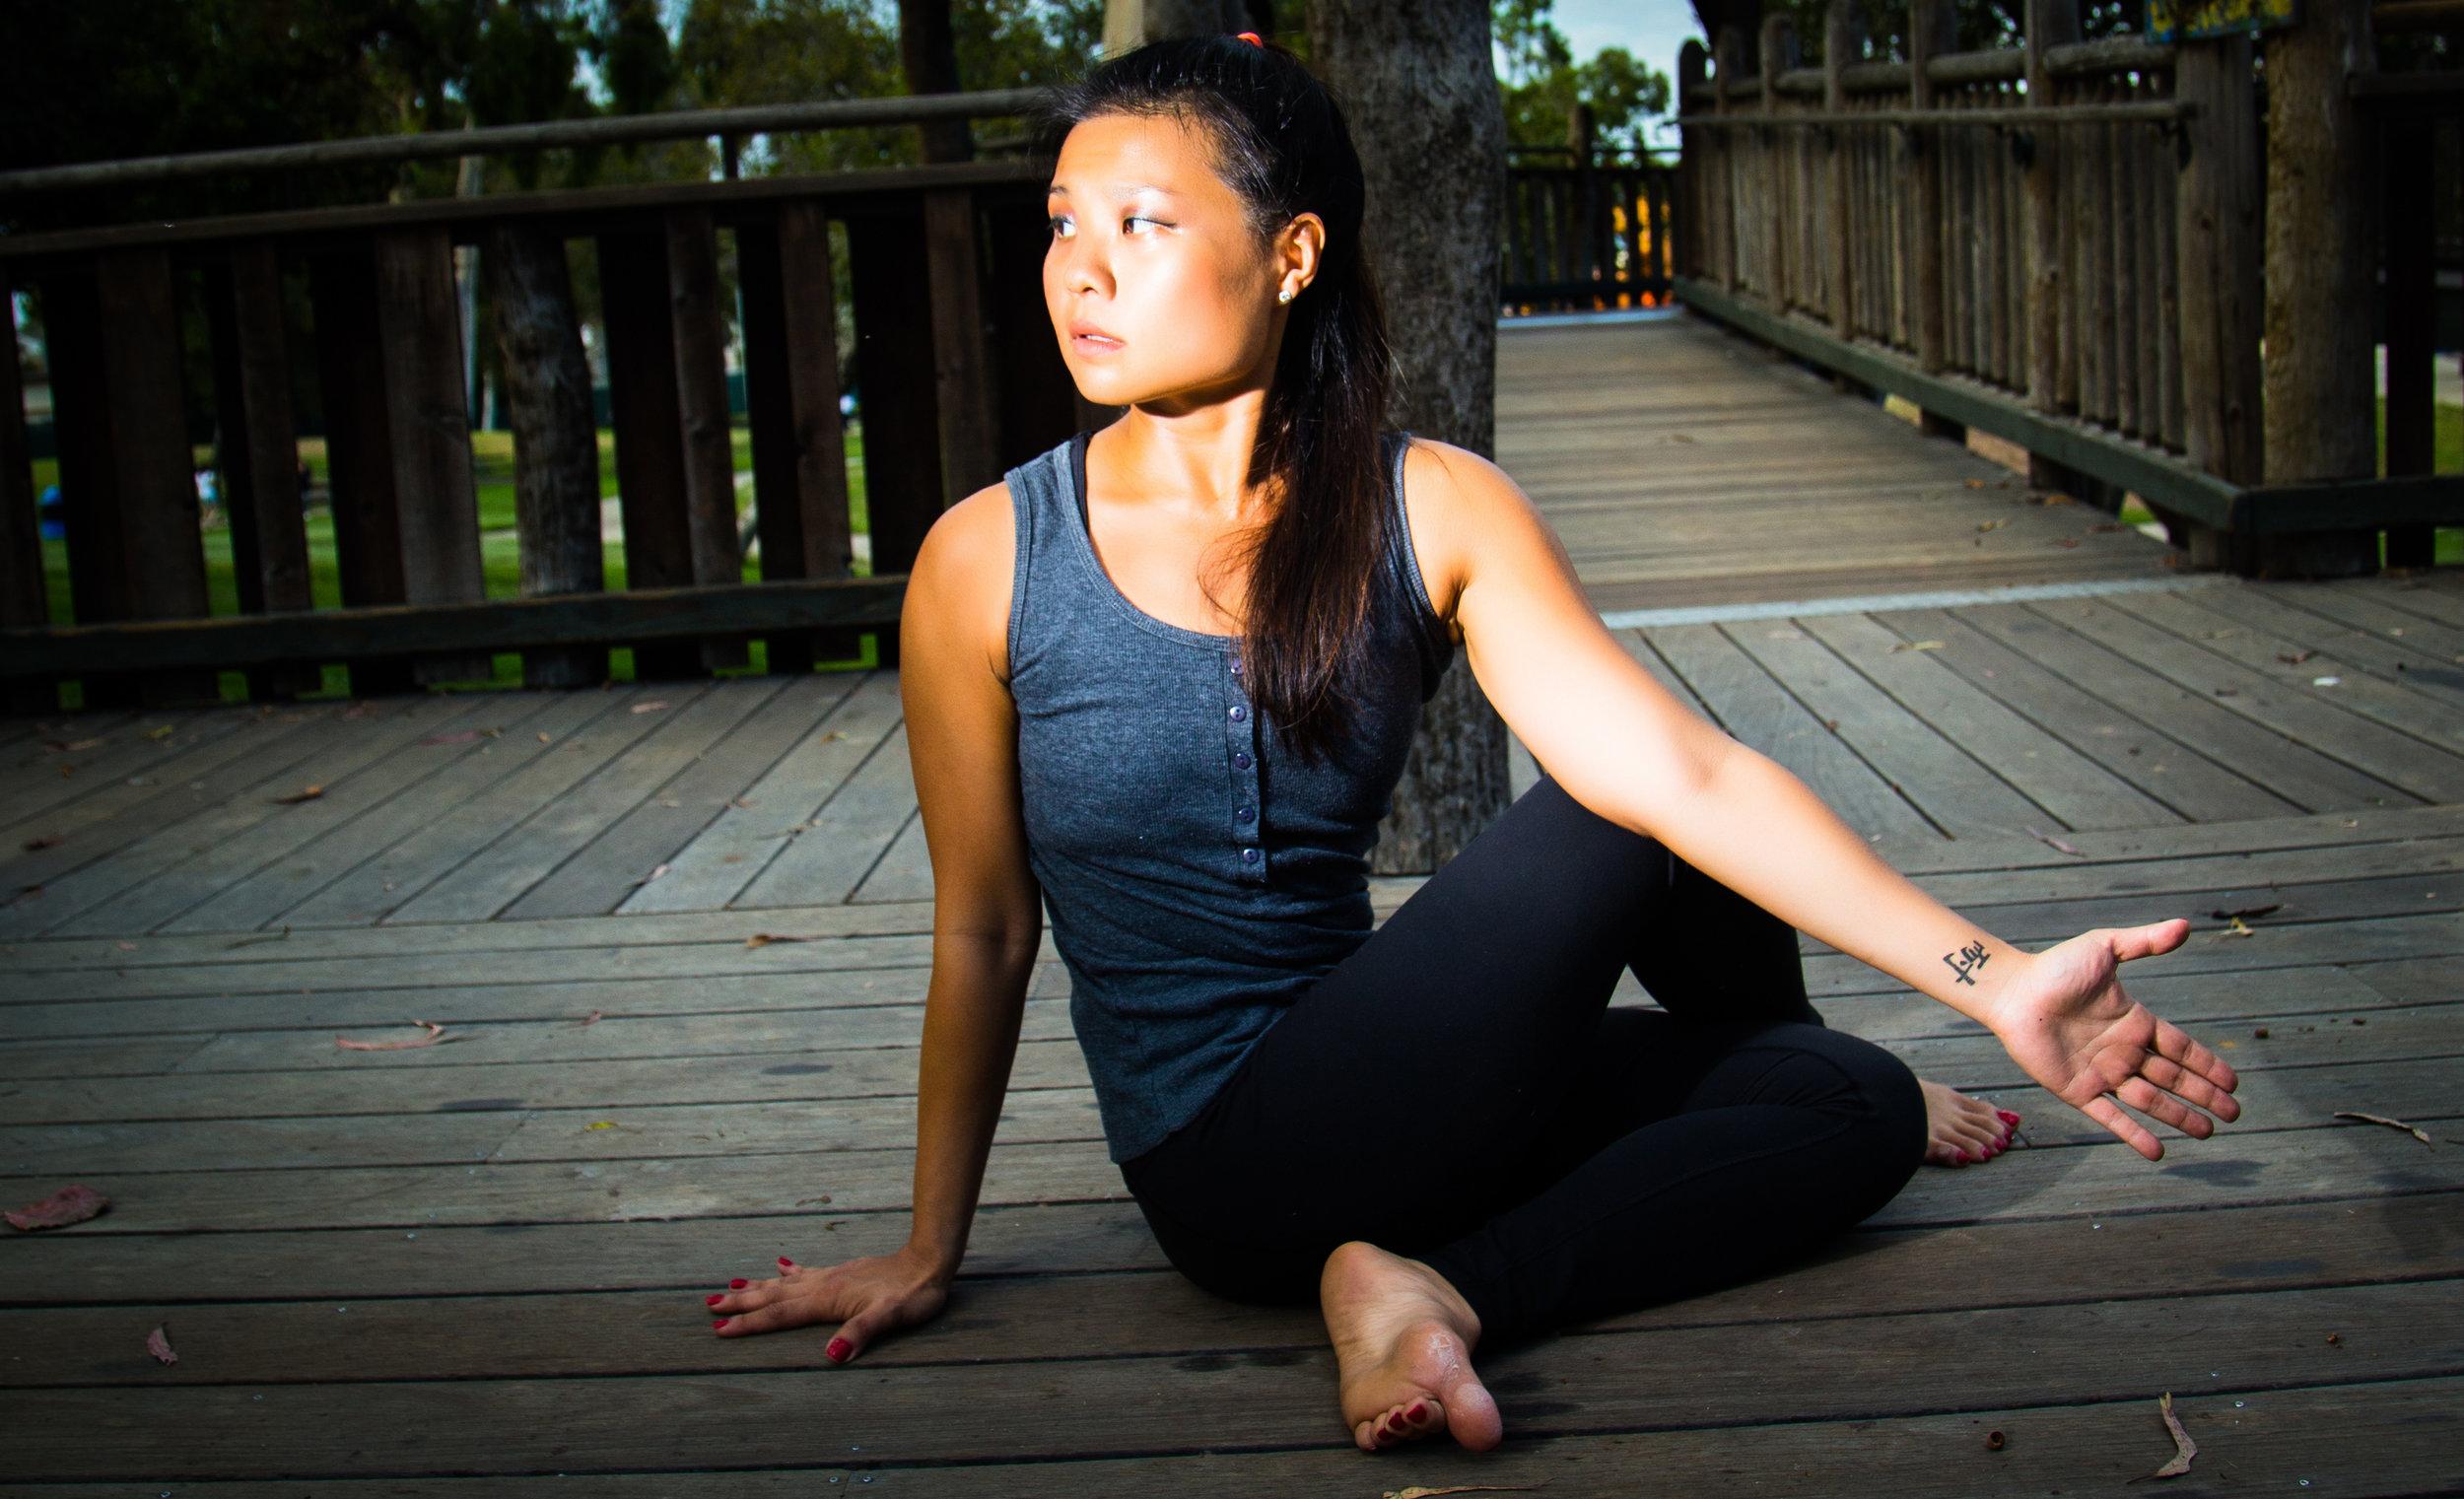 yan yoga set  02 edited-42.jpg